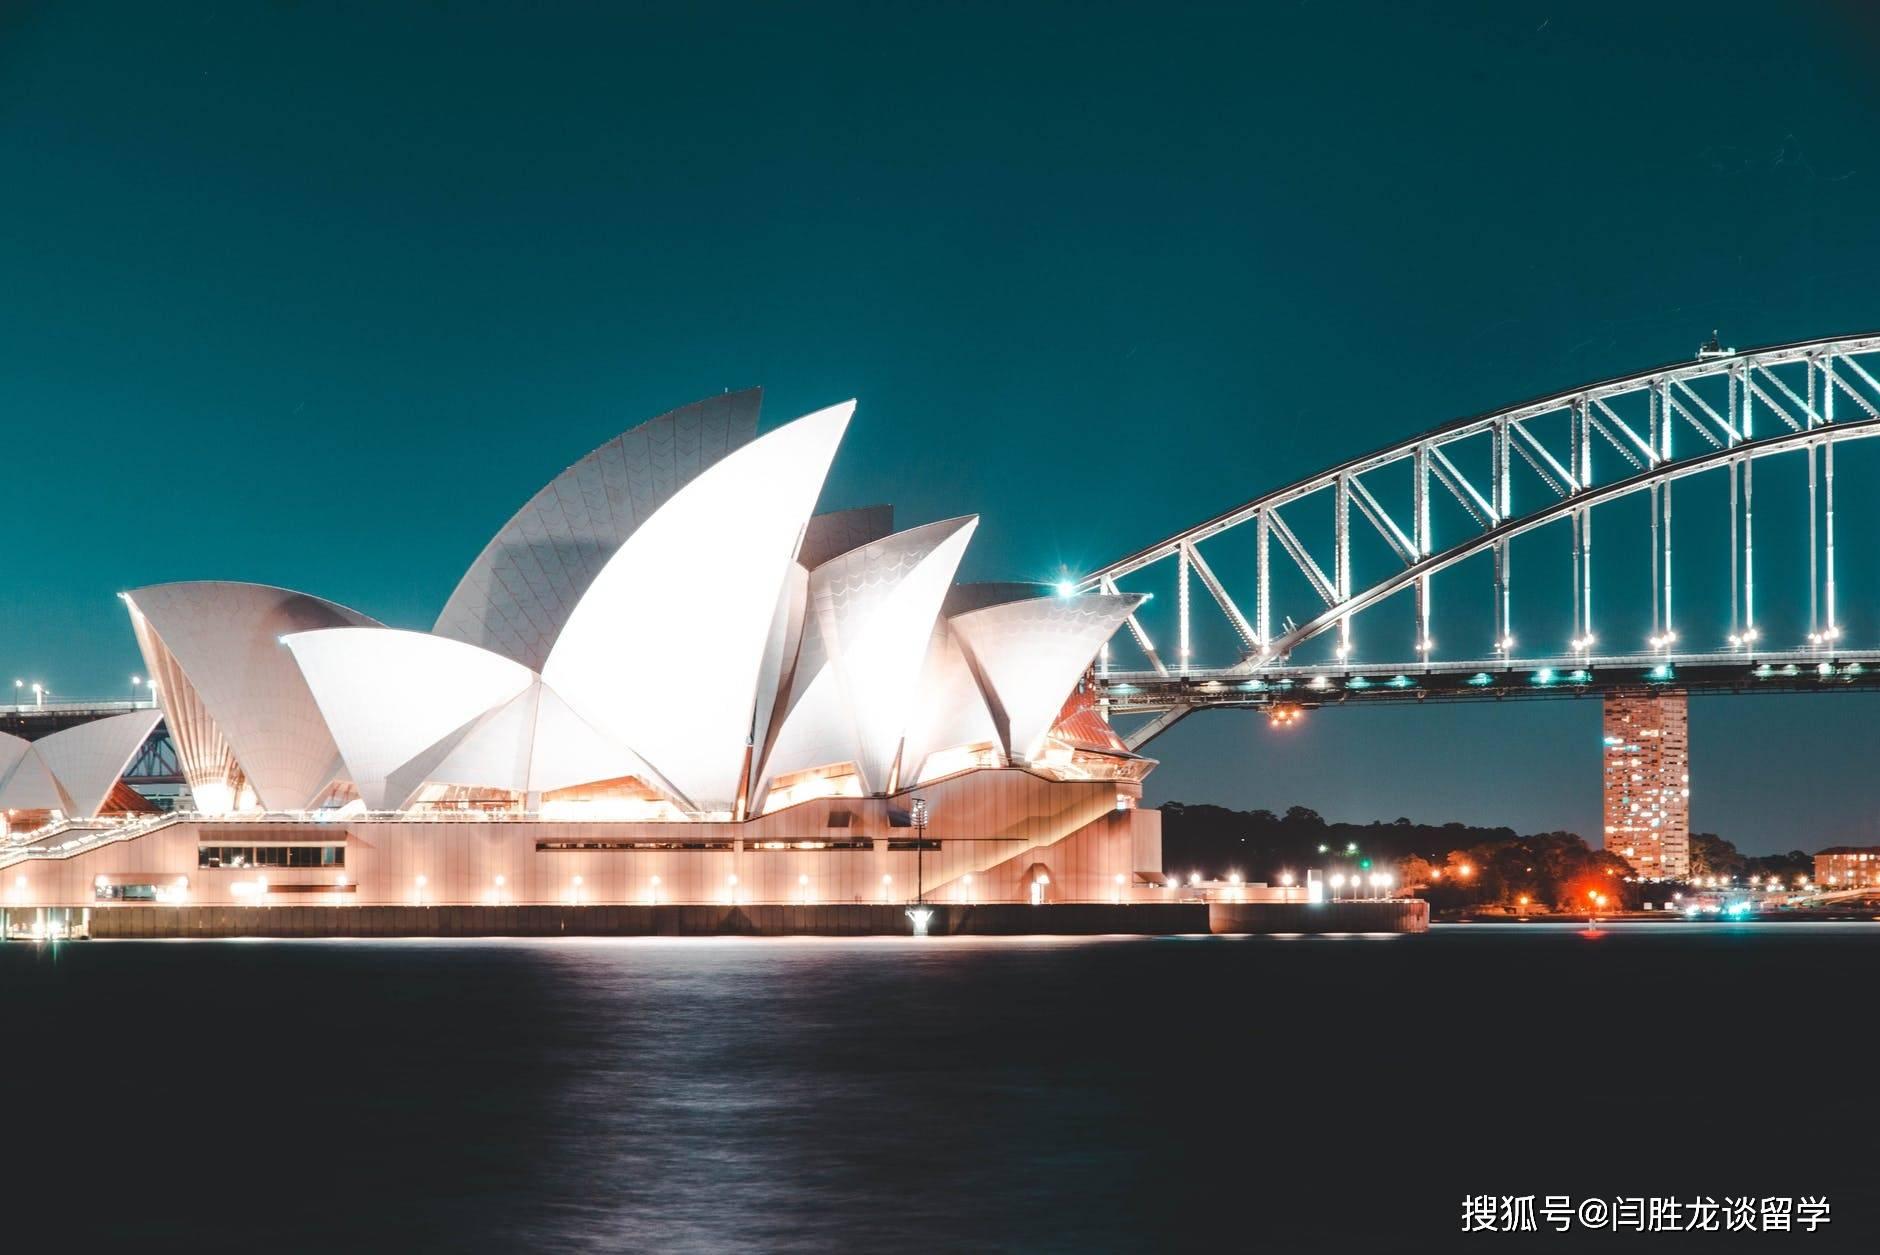 在澳大利亚留学,需要准备多少生活费和住宿费?附上省钱小技巧